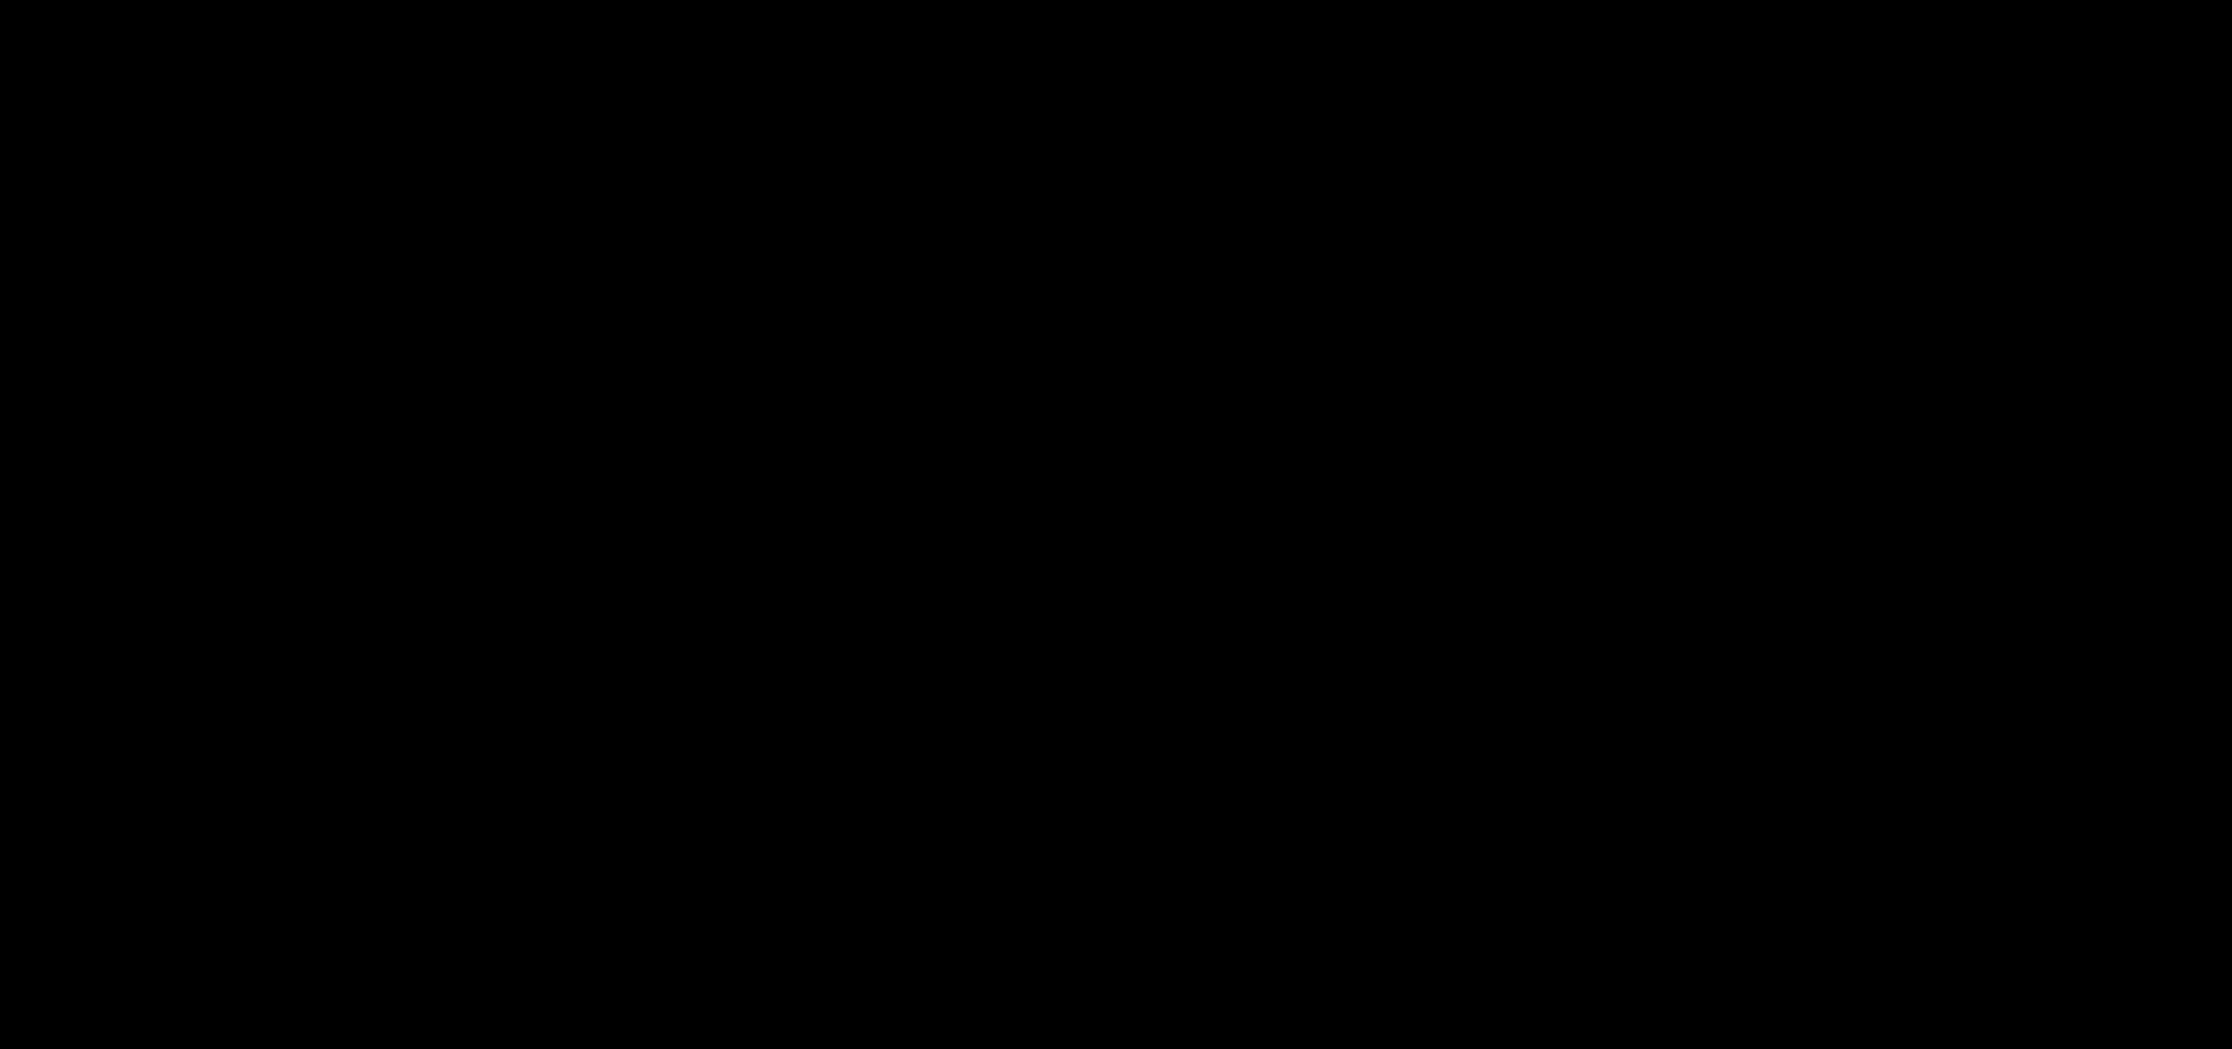 Methapyrilene Fumarate